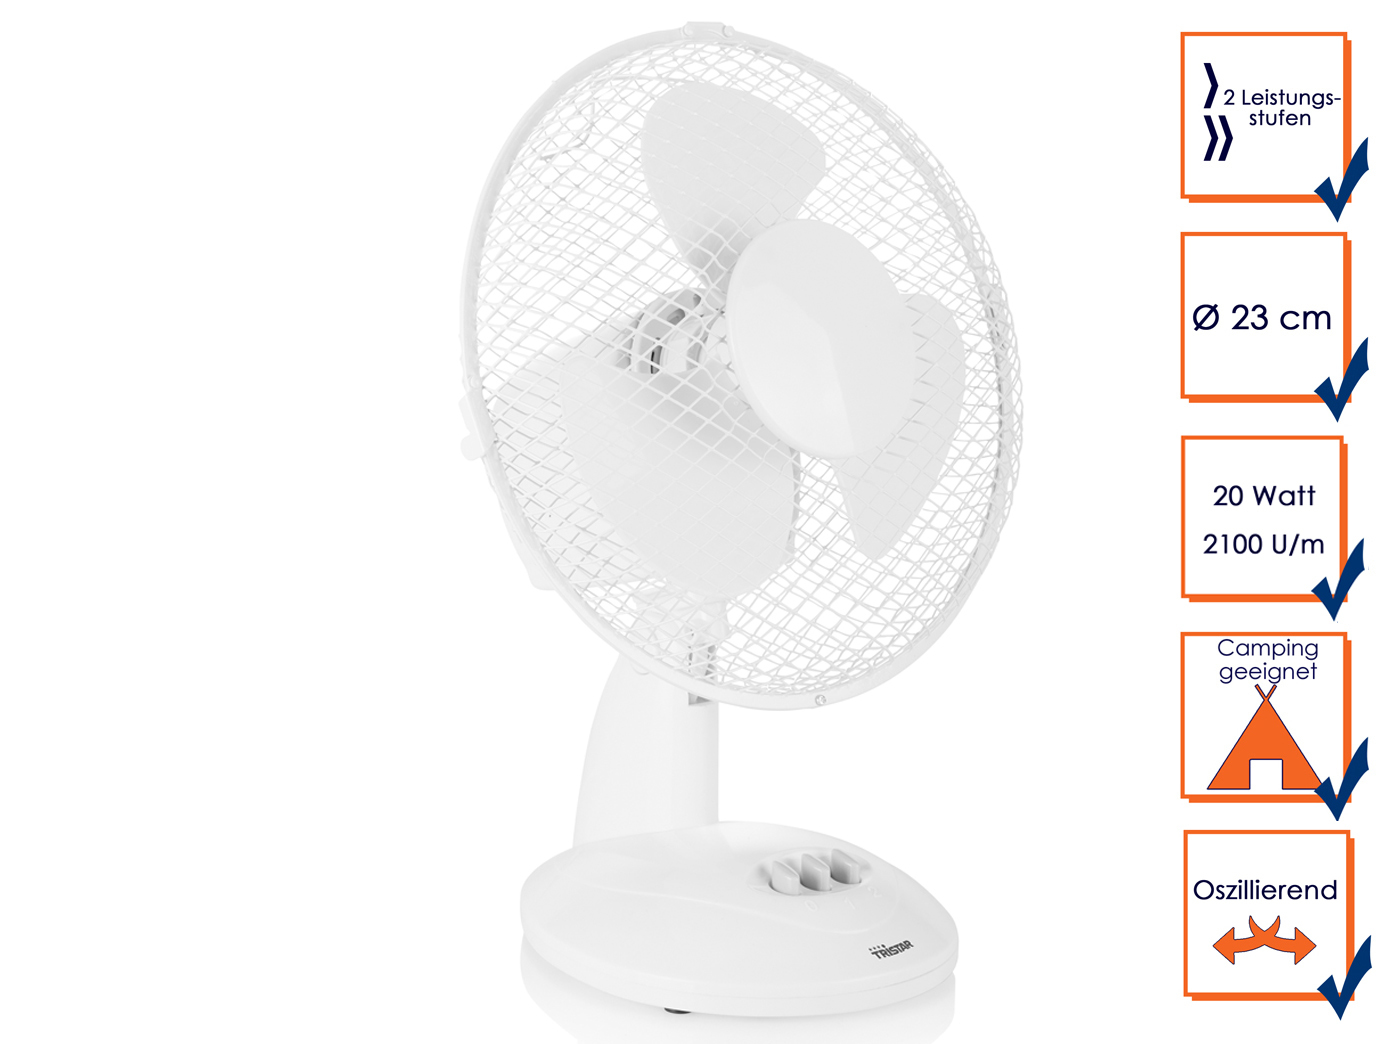 Luftkühler Bodenlüfter Praktischer Tristar Tischventilator Schwenkbar in Weiß